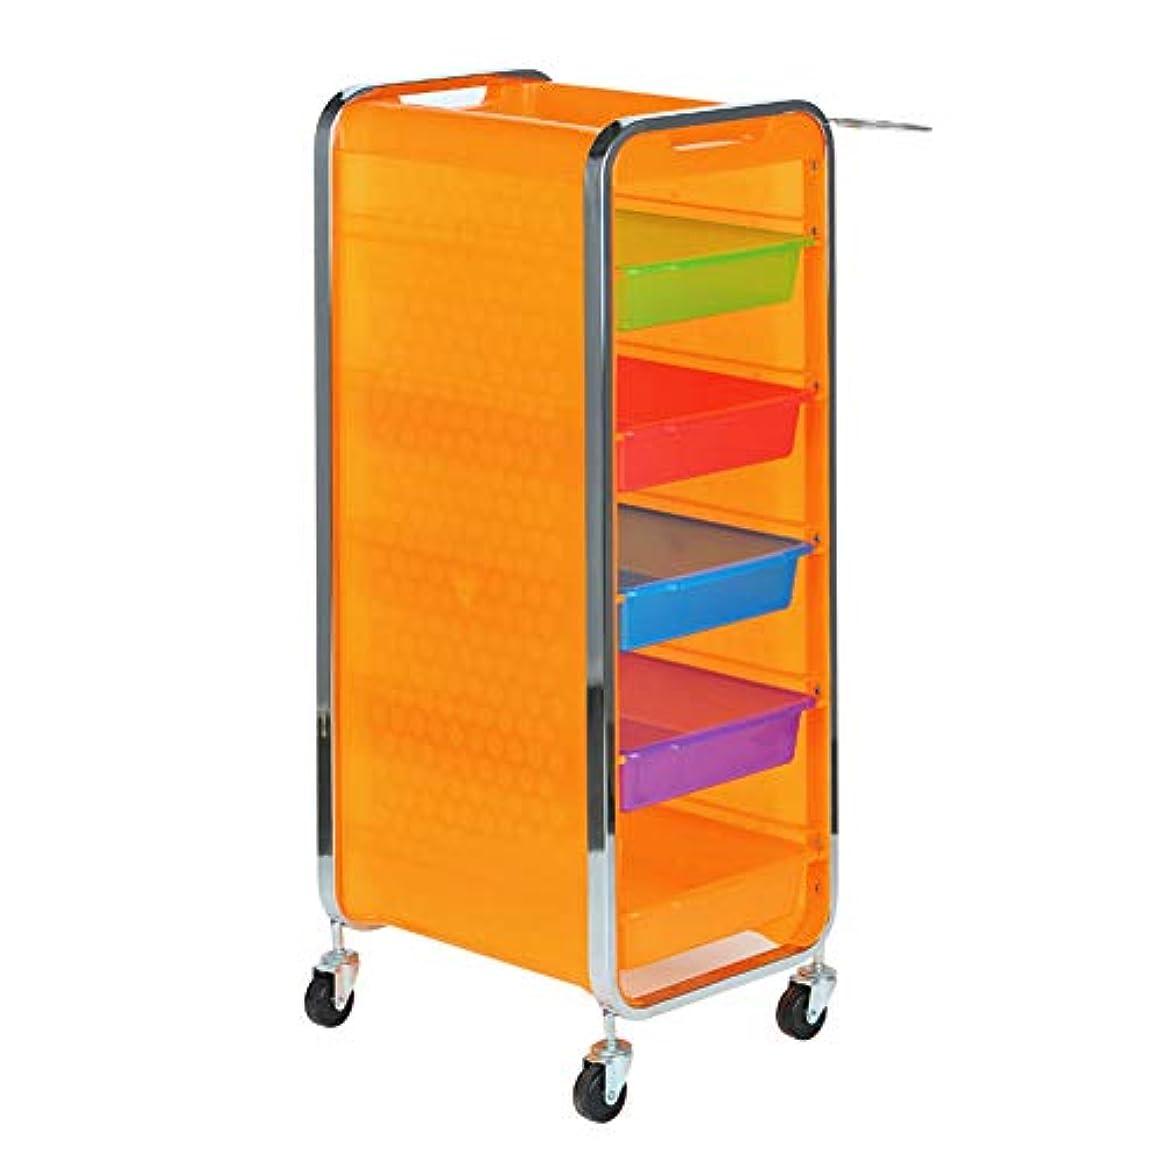 標準検体努力するサロン美容院トロリー美容美容収納カート6層トレイ多機能引き出し虹色,Orange,B